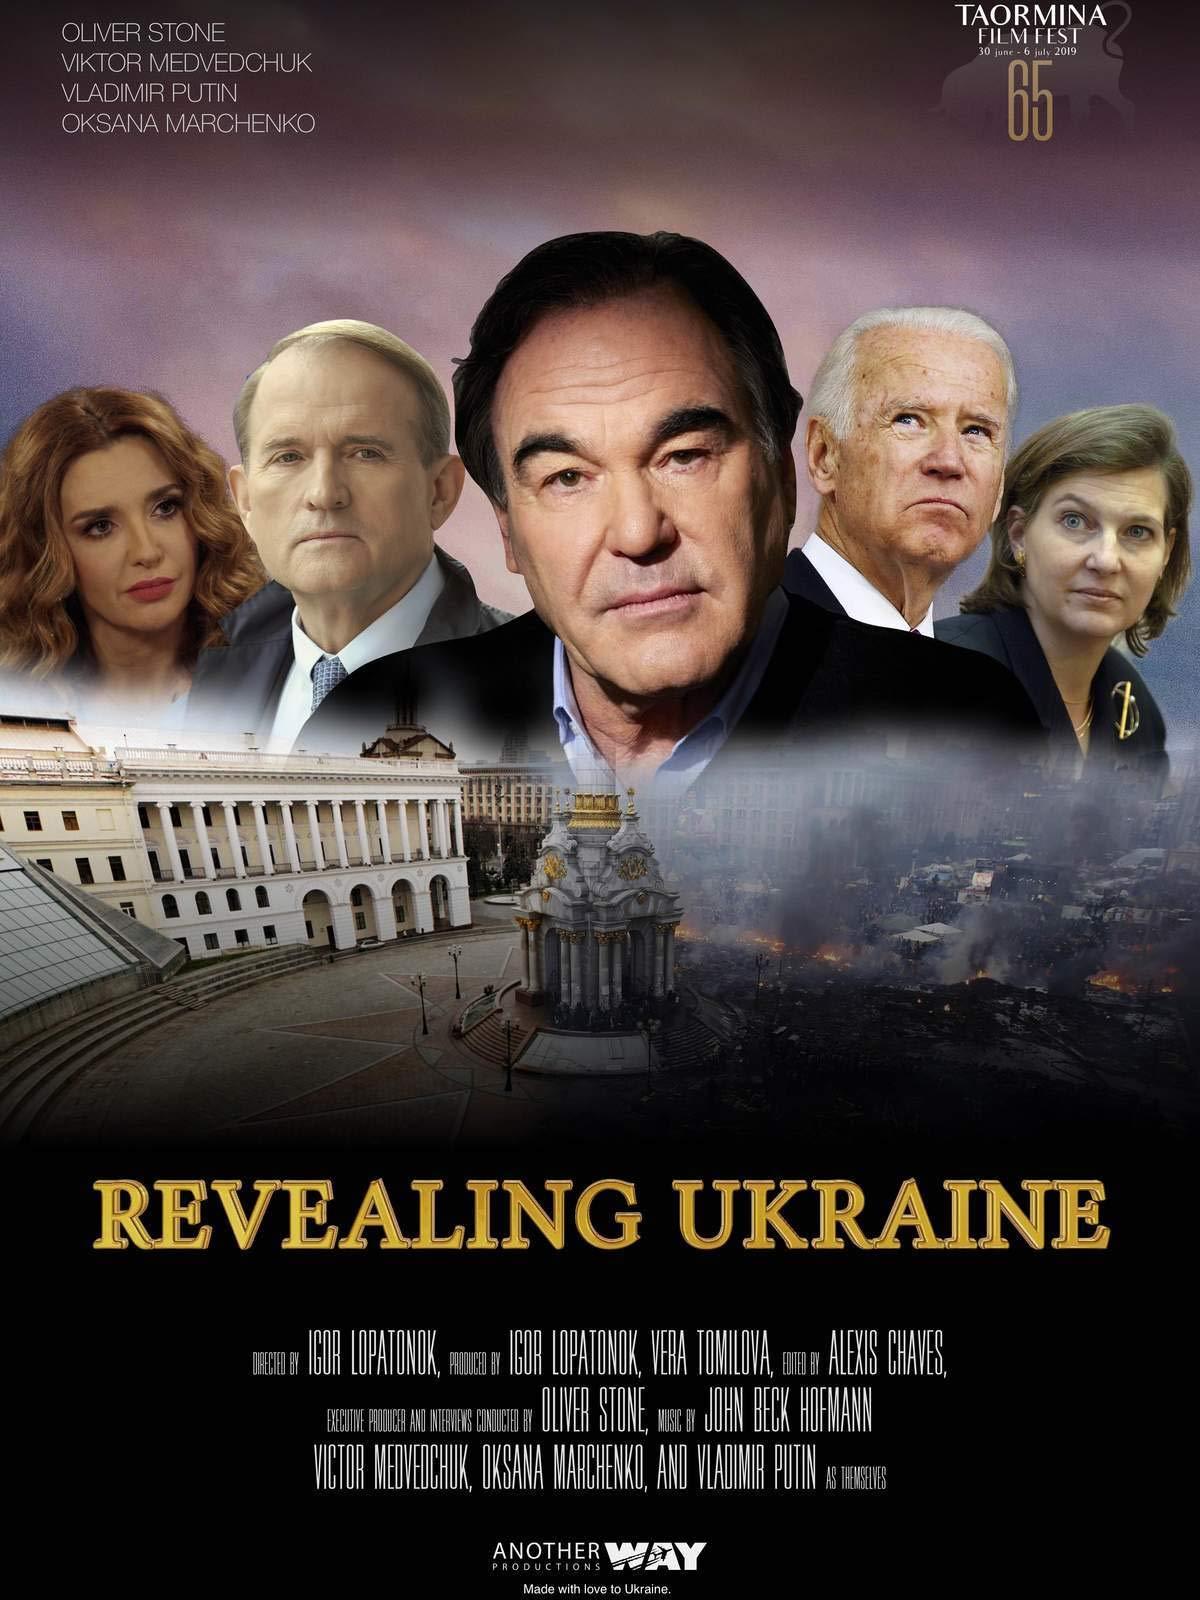 Amazon.com: Ukraine on Fire: Oliver Stone, Vladimir Putin, Viktor  Yanukovych, Vitaliy Zakharchenko